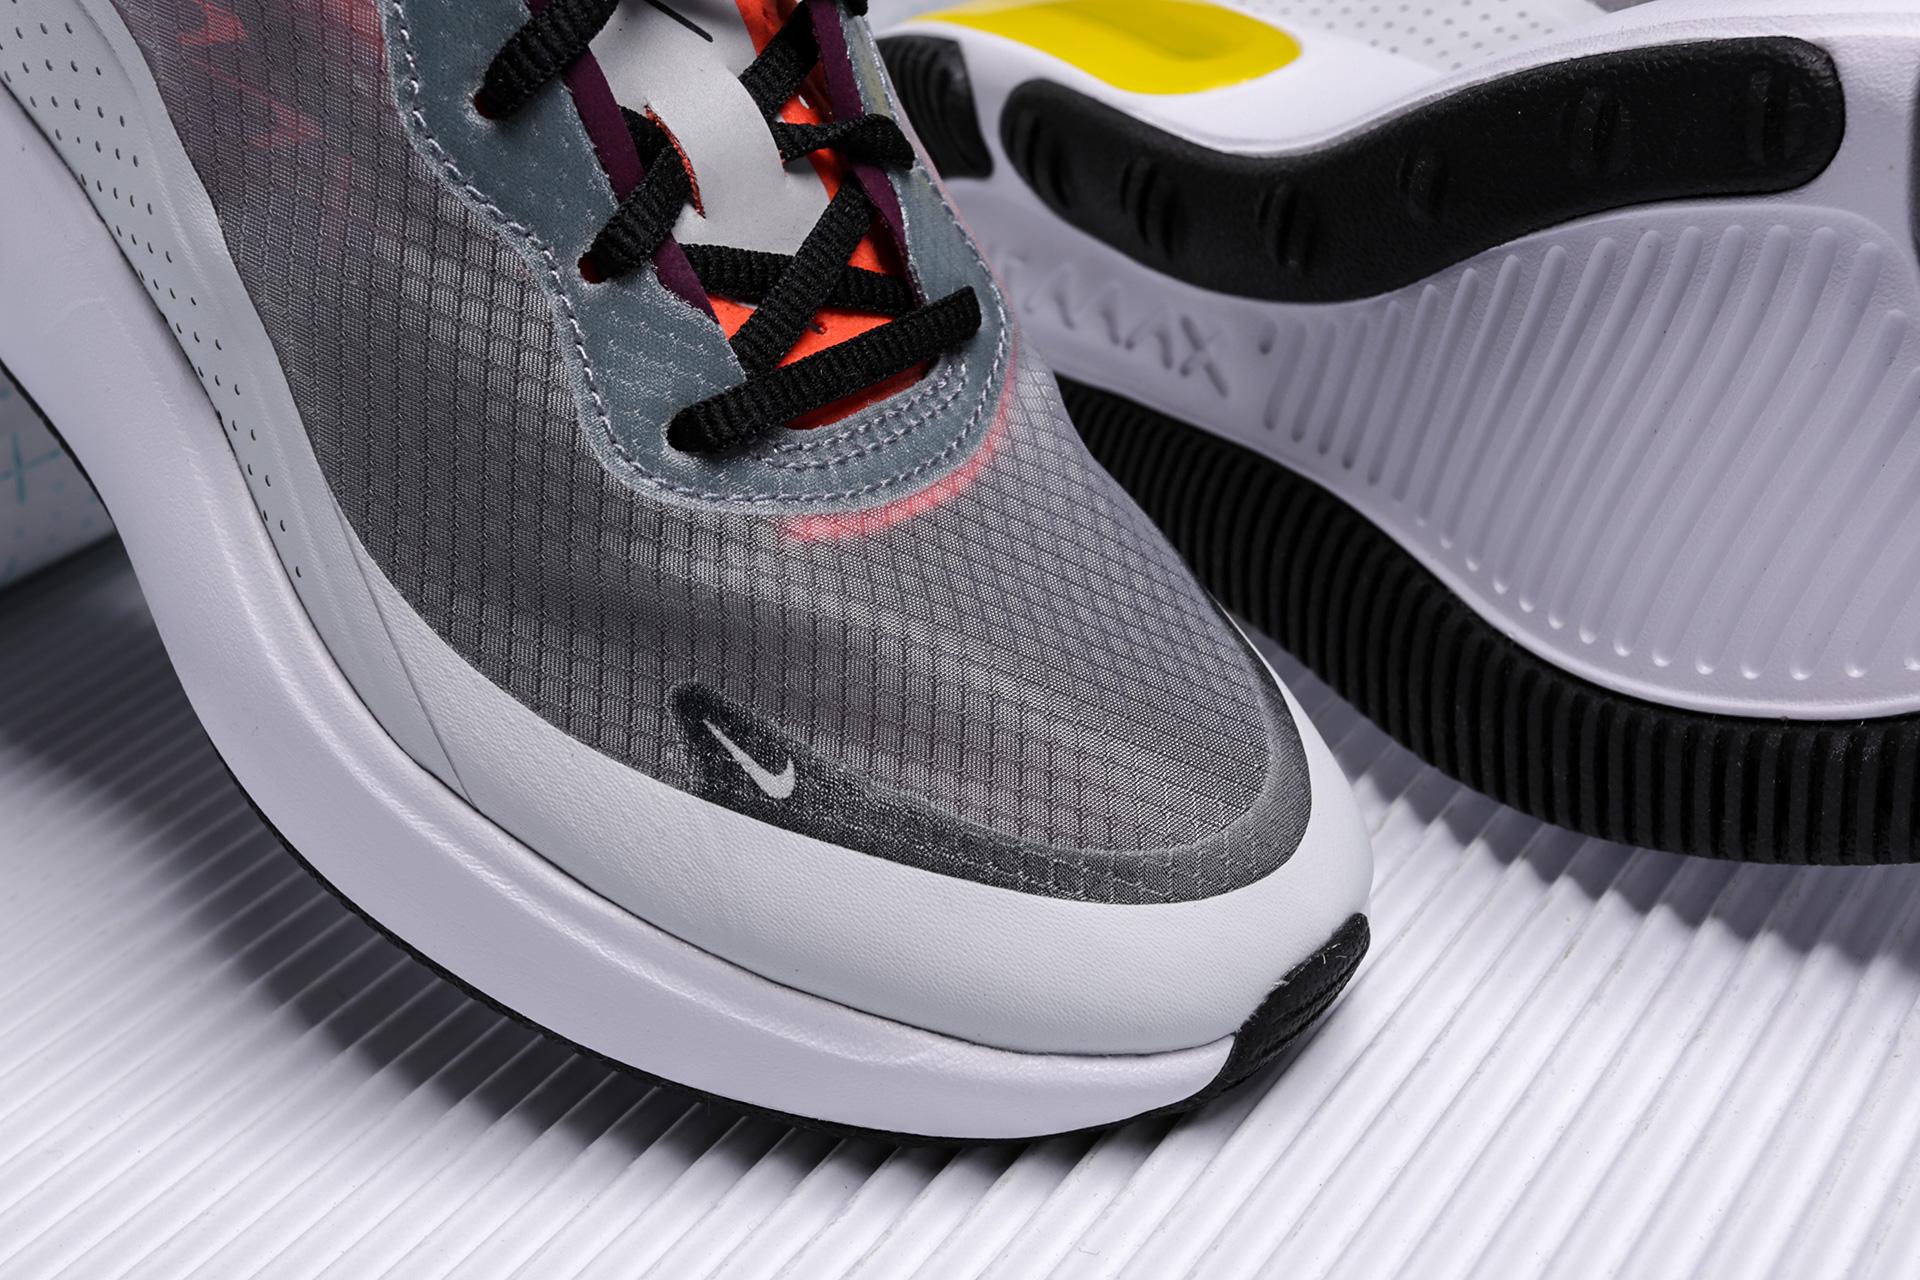 74bcd4ec ... Купить женские серые кроссовки Nike Air Max Dia SE QS - фото 4 картинки  ...